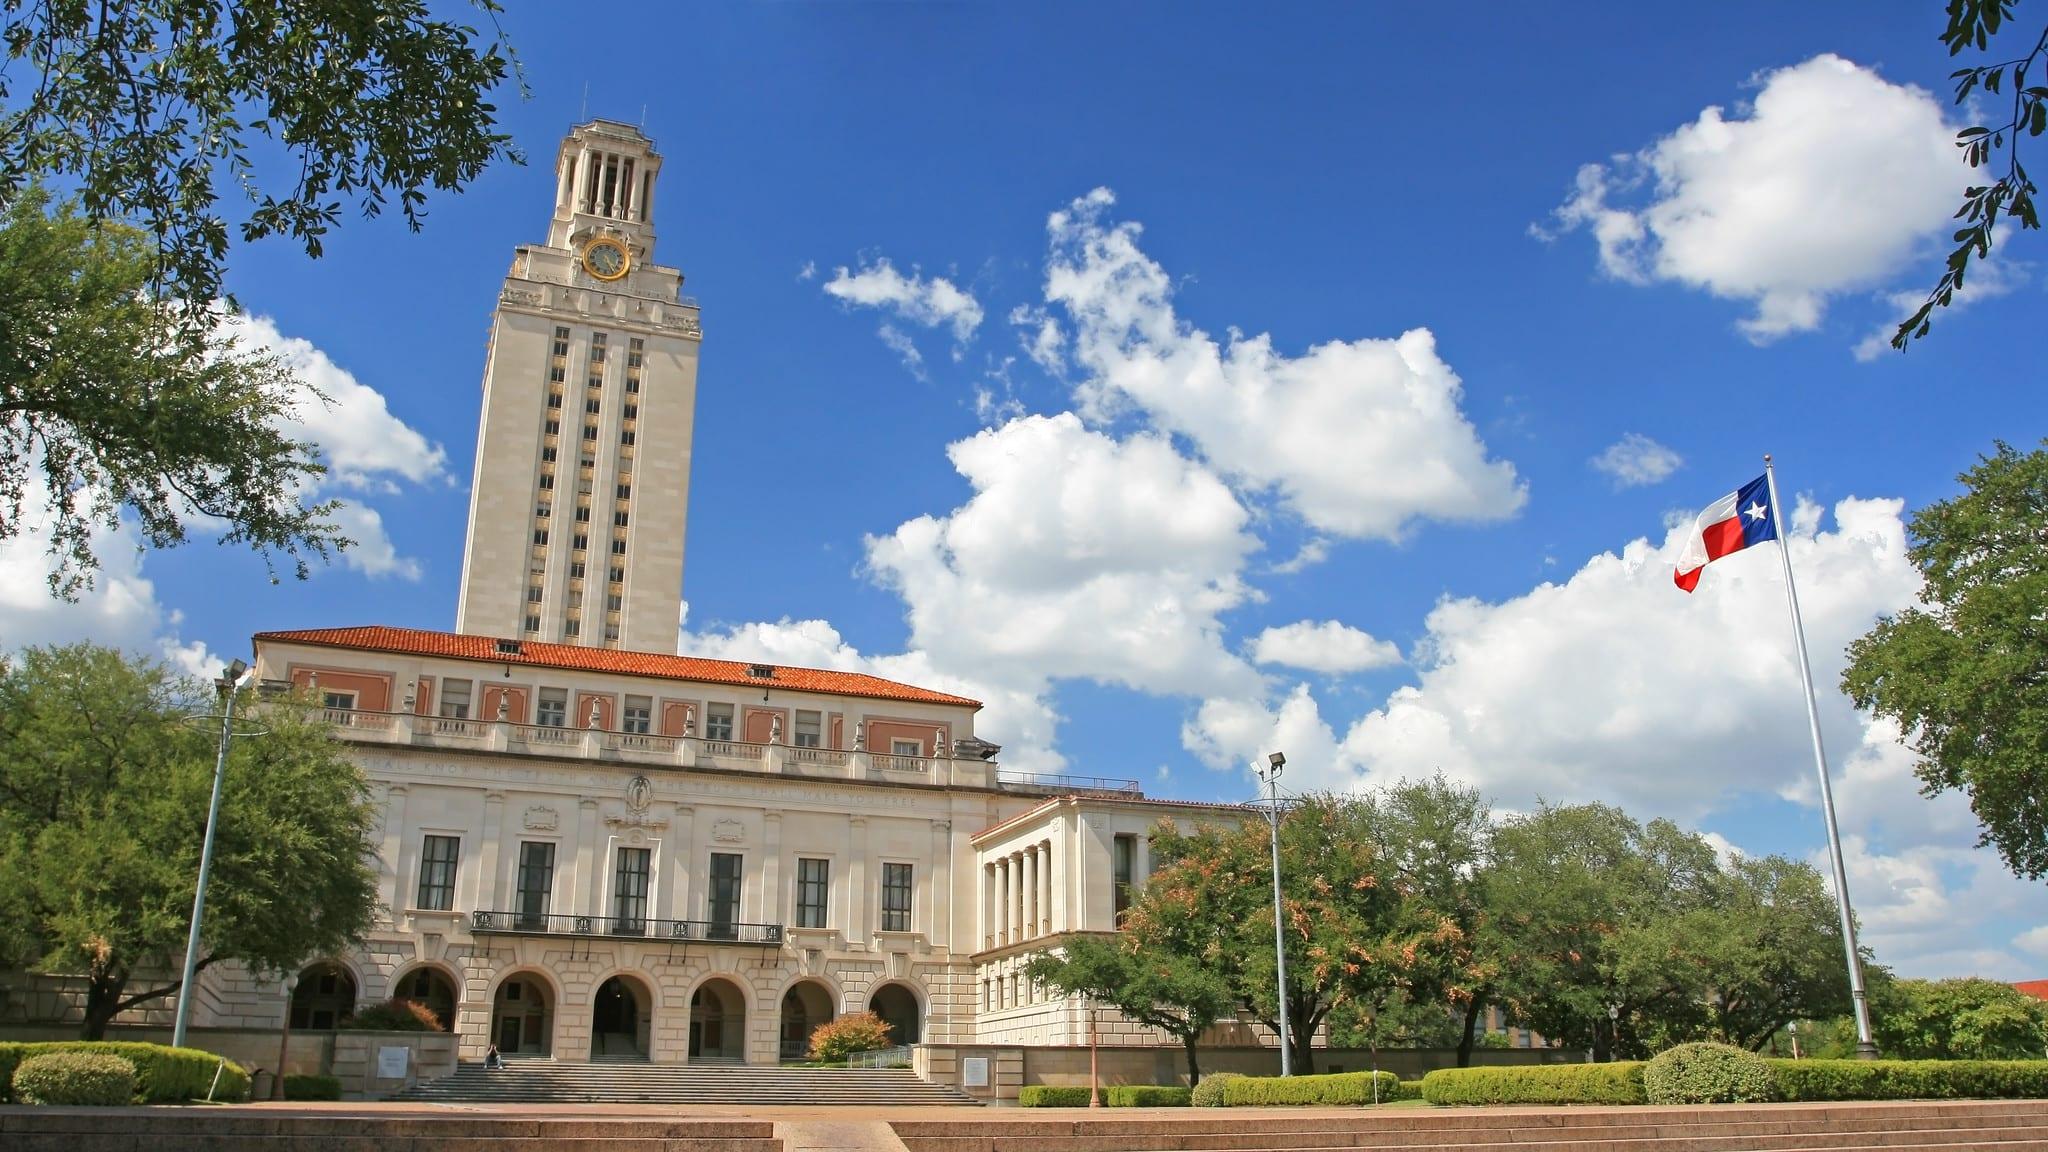 University of Texas Ludowici Roof Tile